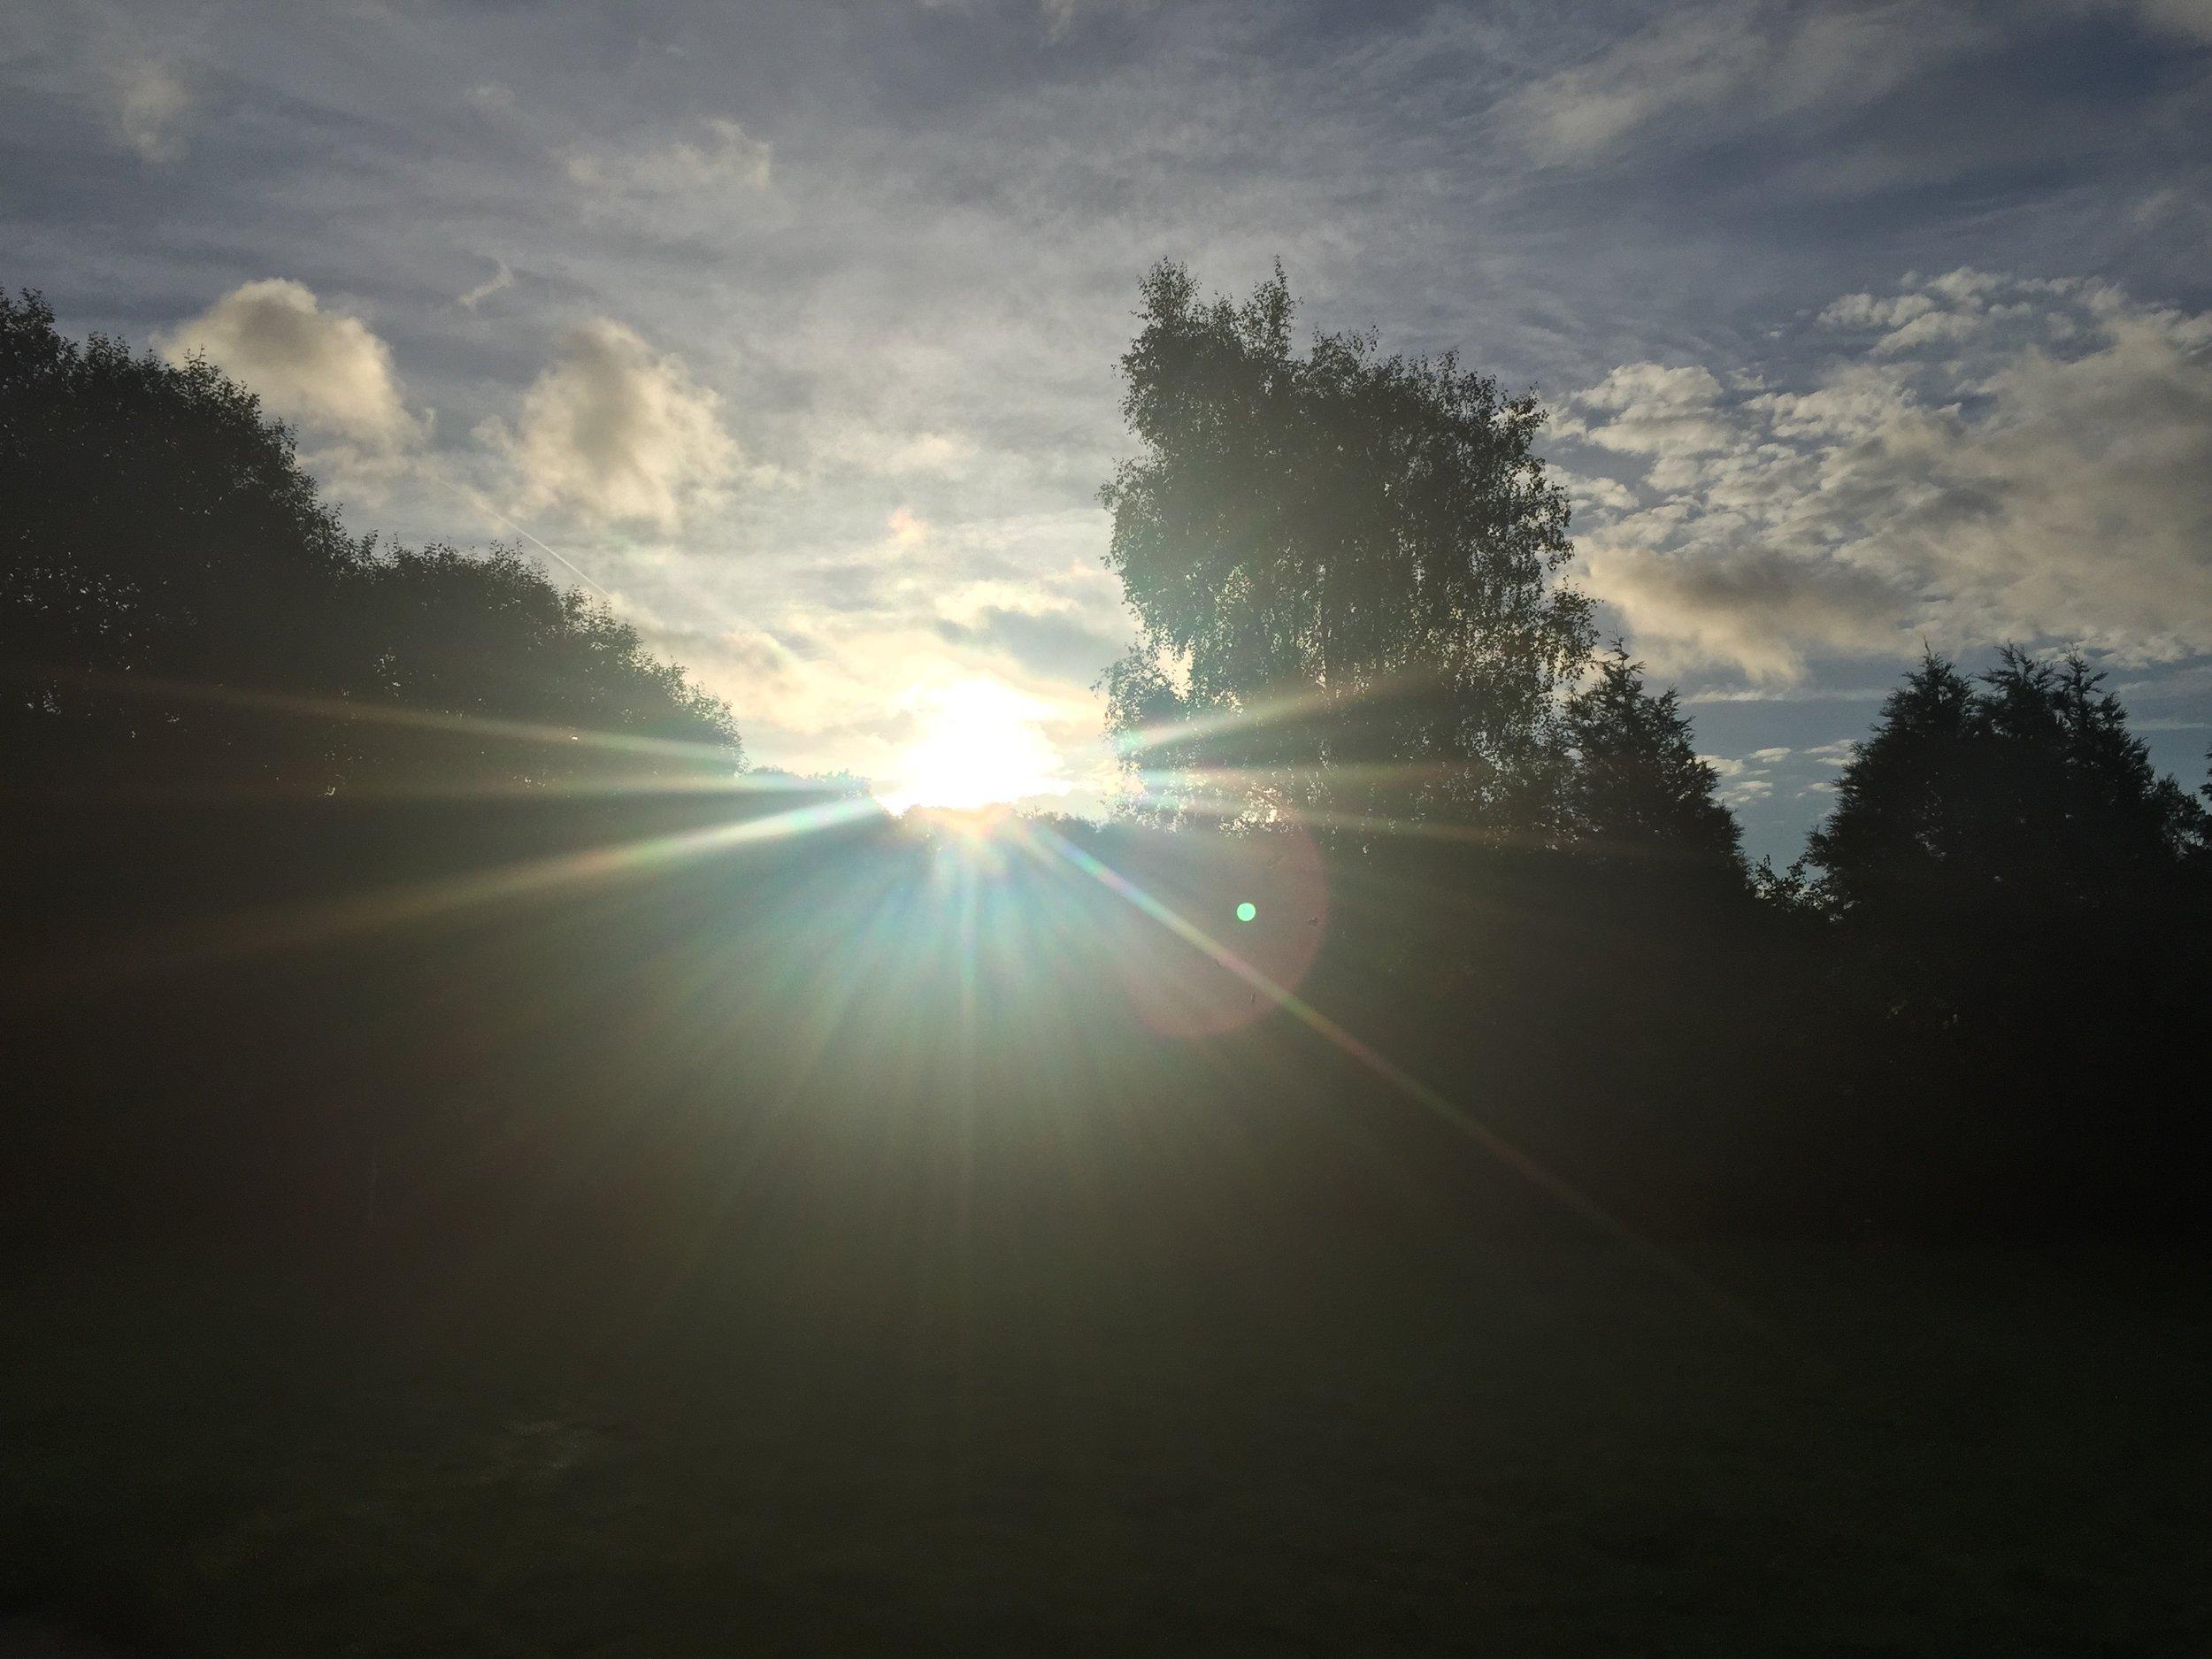 sunrise at my gaff at 07:50